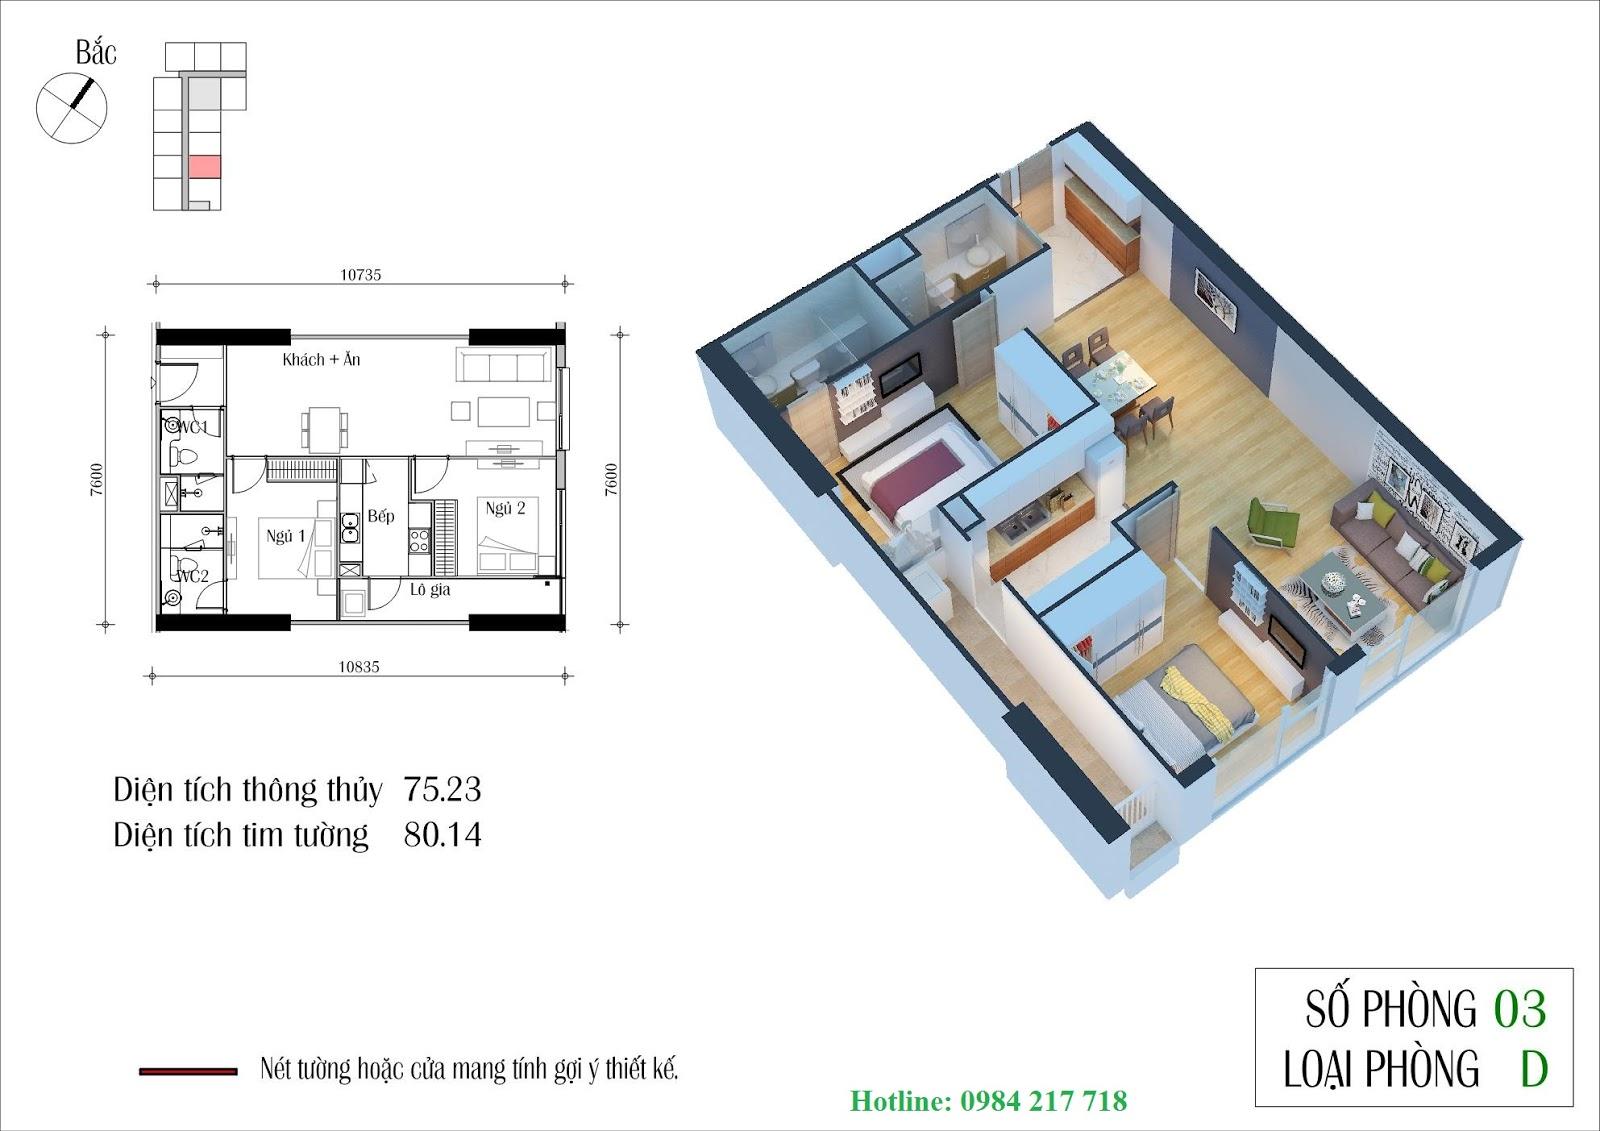 Sơ Đồ Mặt Bằng Tòa Eco Winter căn hộ 0703 du an ecogreen